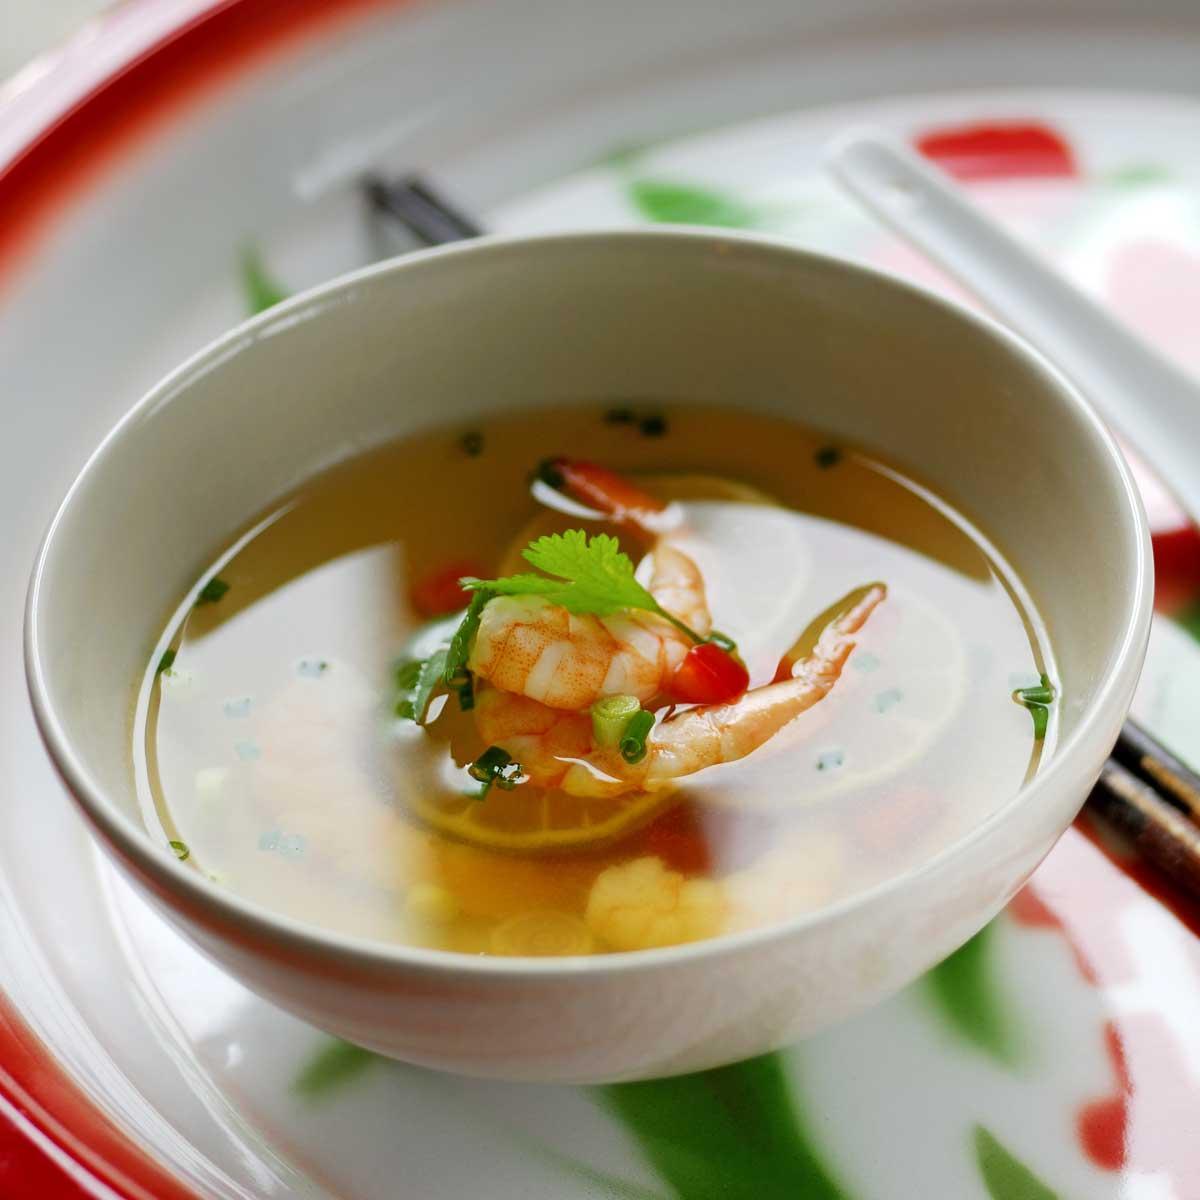 Recette soupe chinoise aux crevettes cuisine madame figaro - Cuisine chinoise recette ...